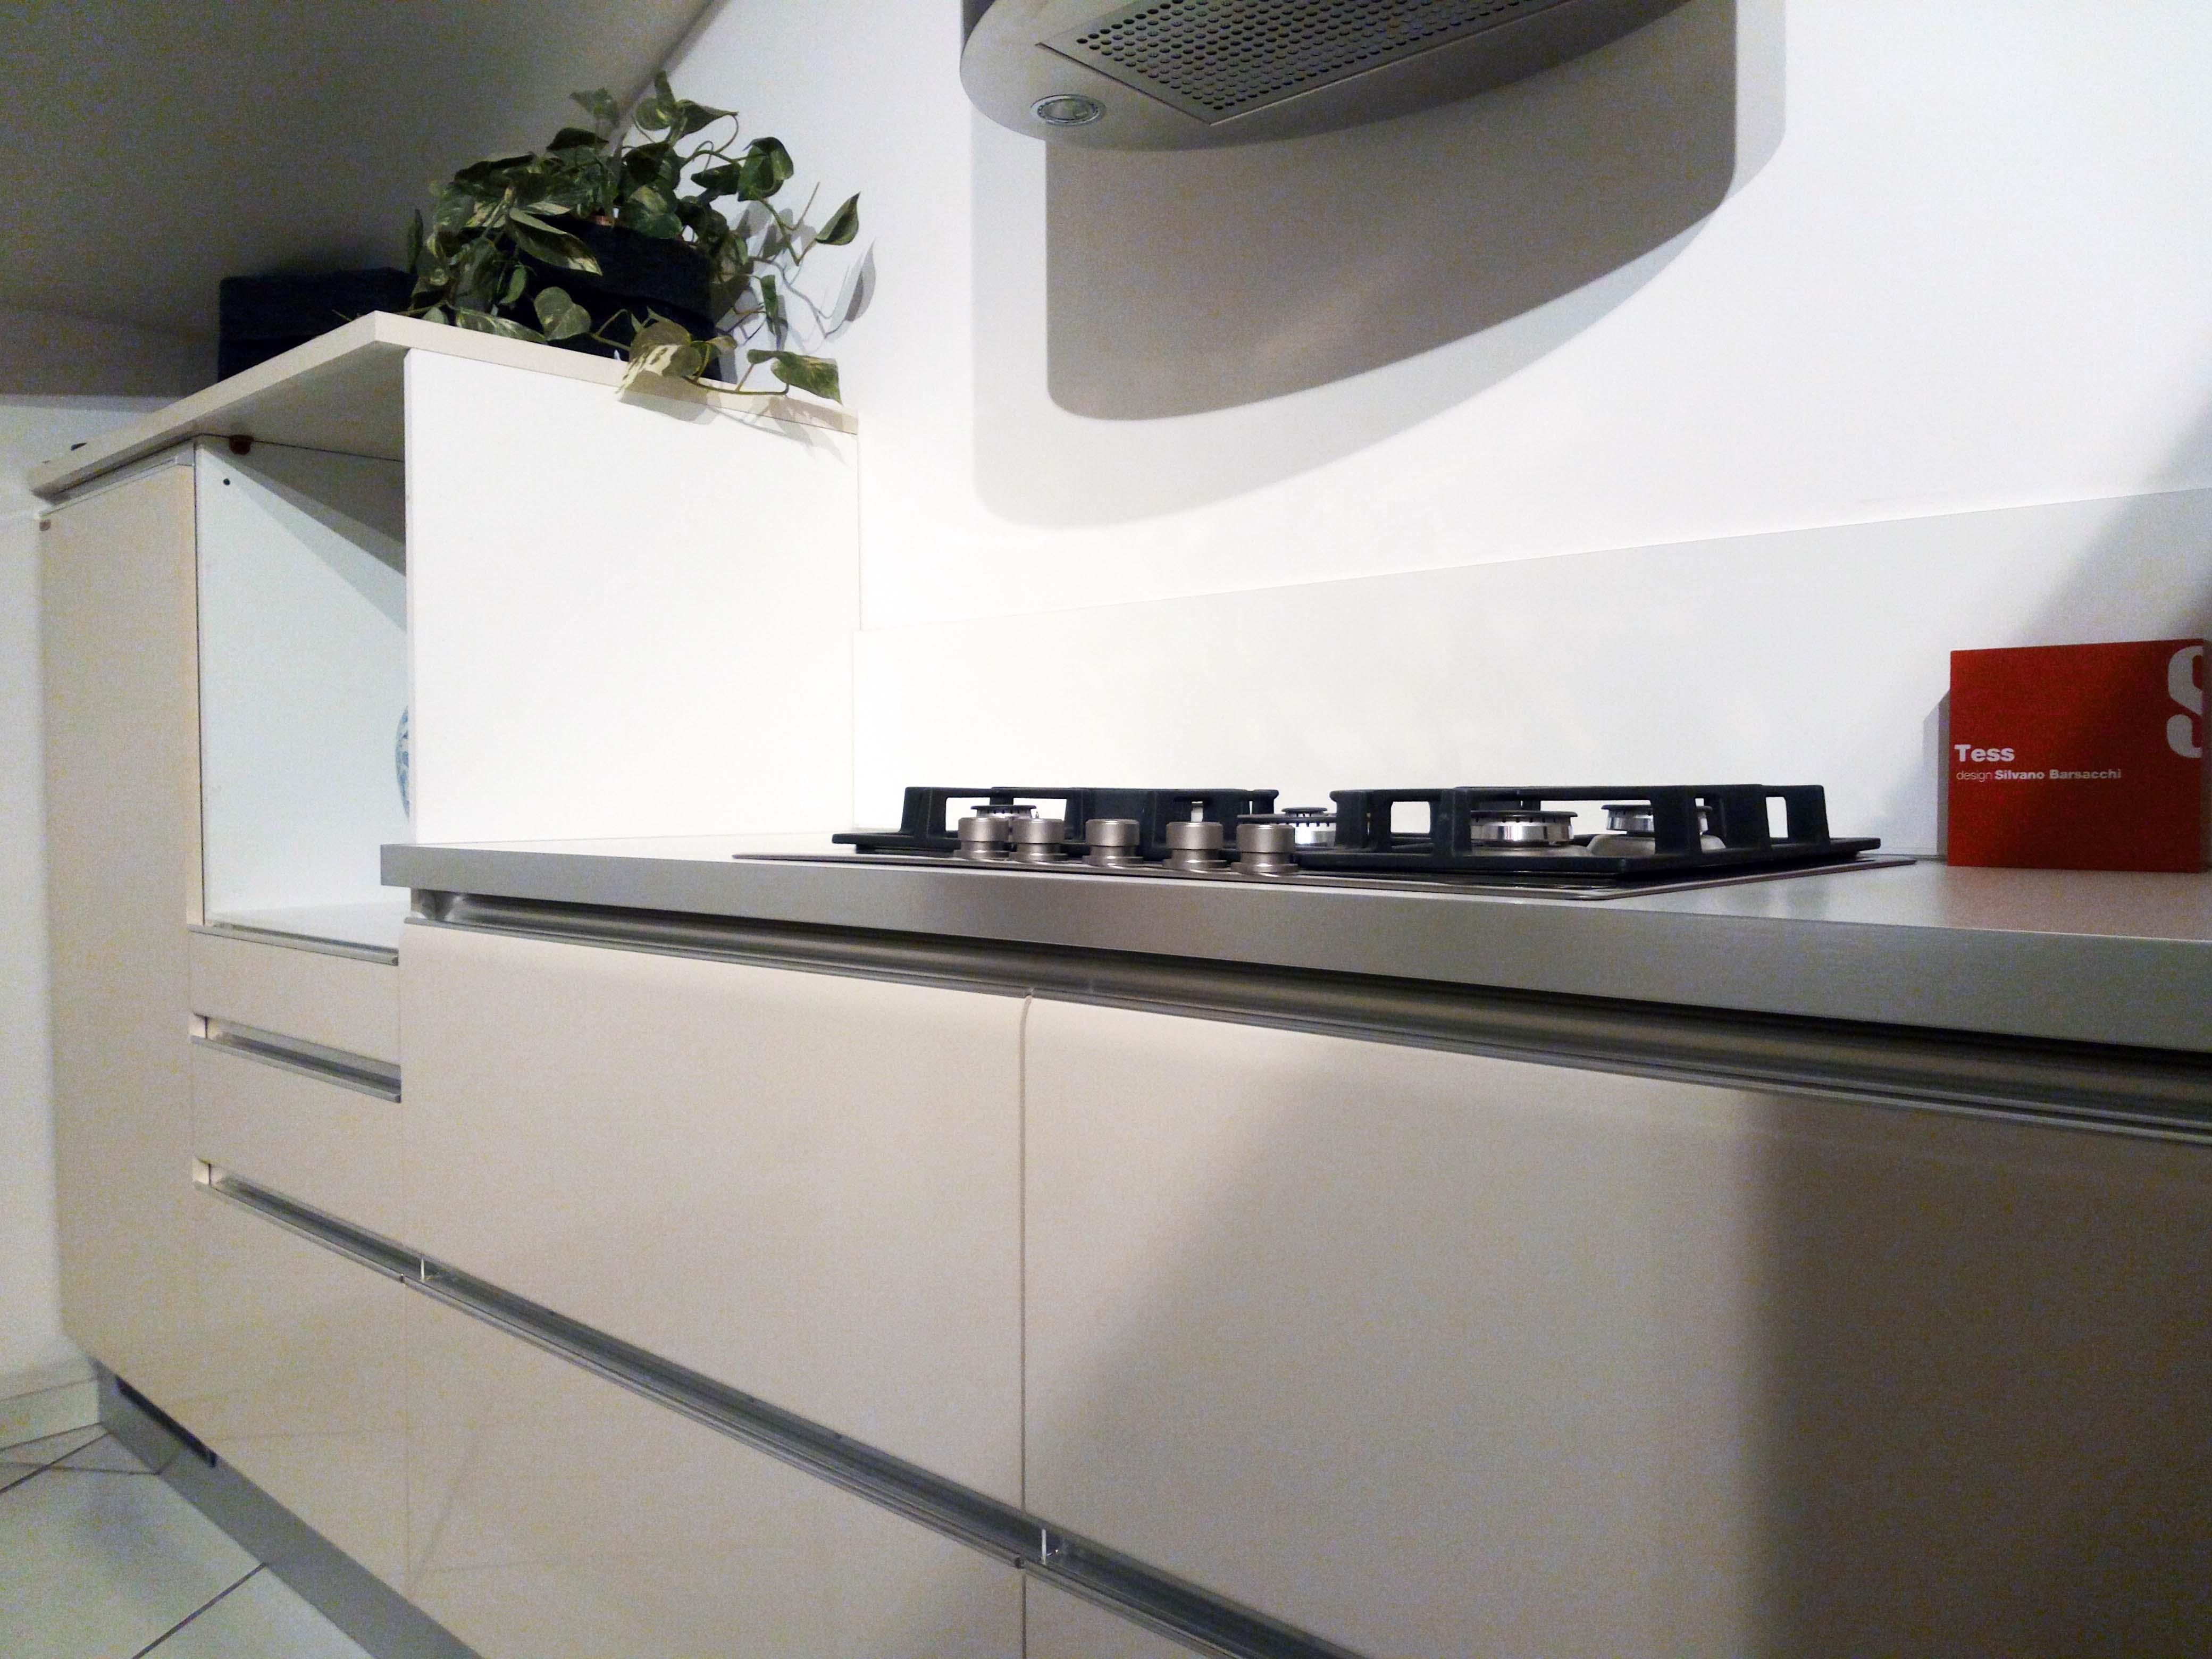 Cucina scavolini tess laminato lucido sconto 40 cucine - Anta cucina laminato ...